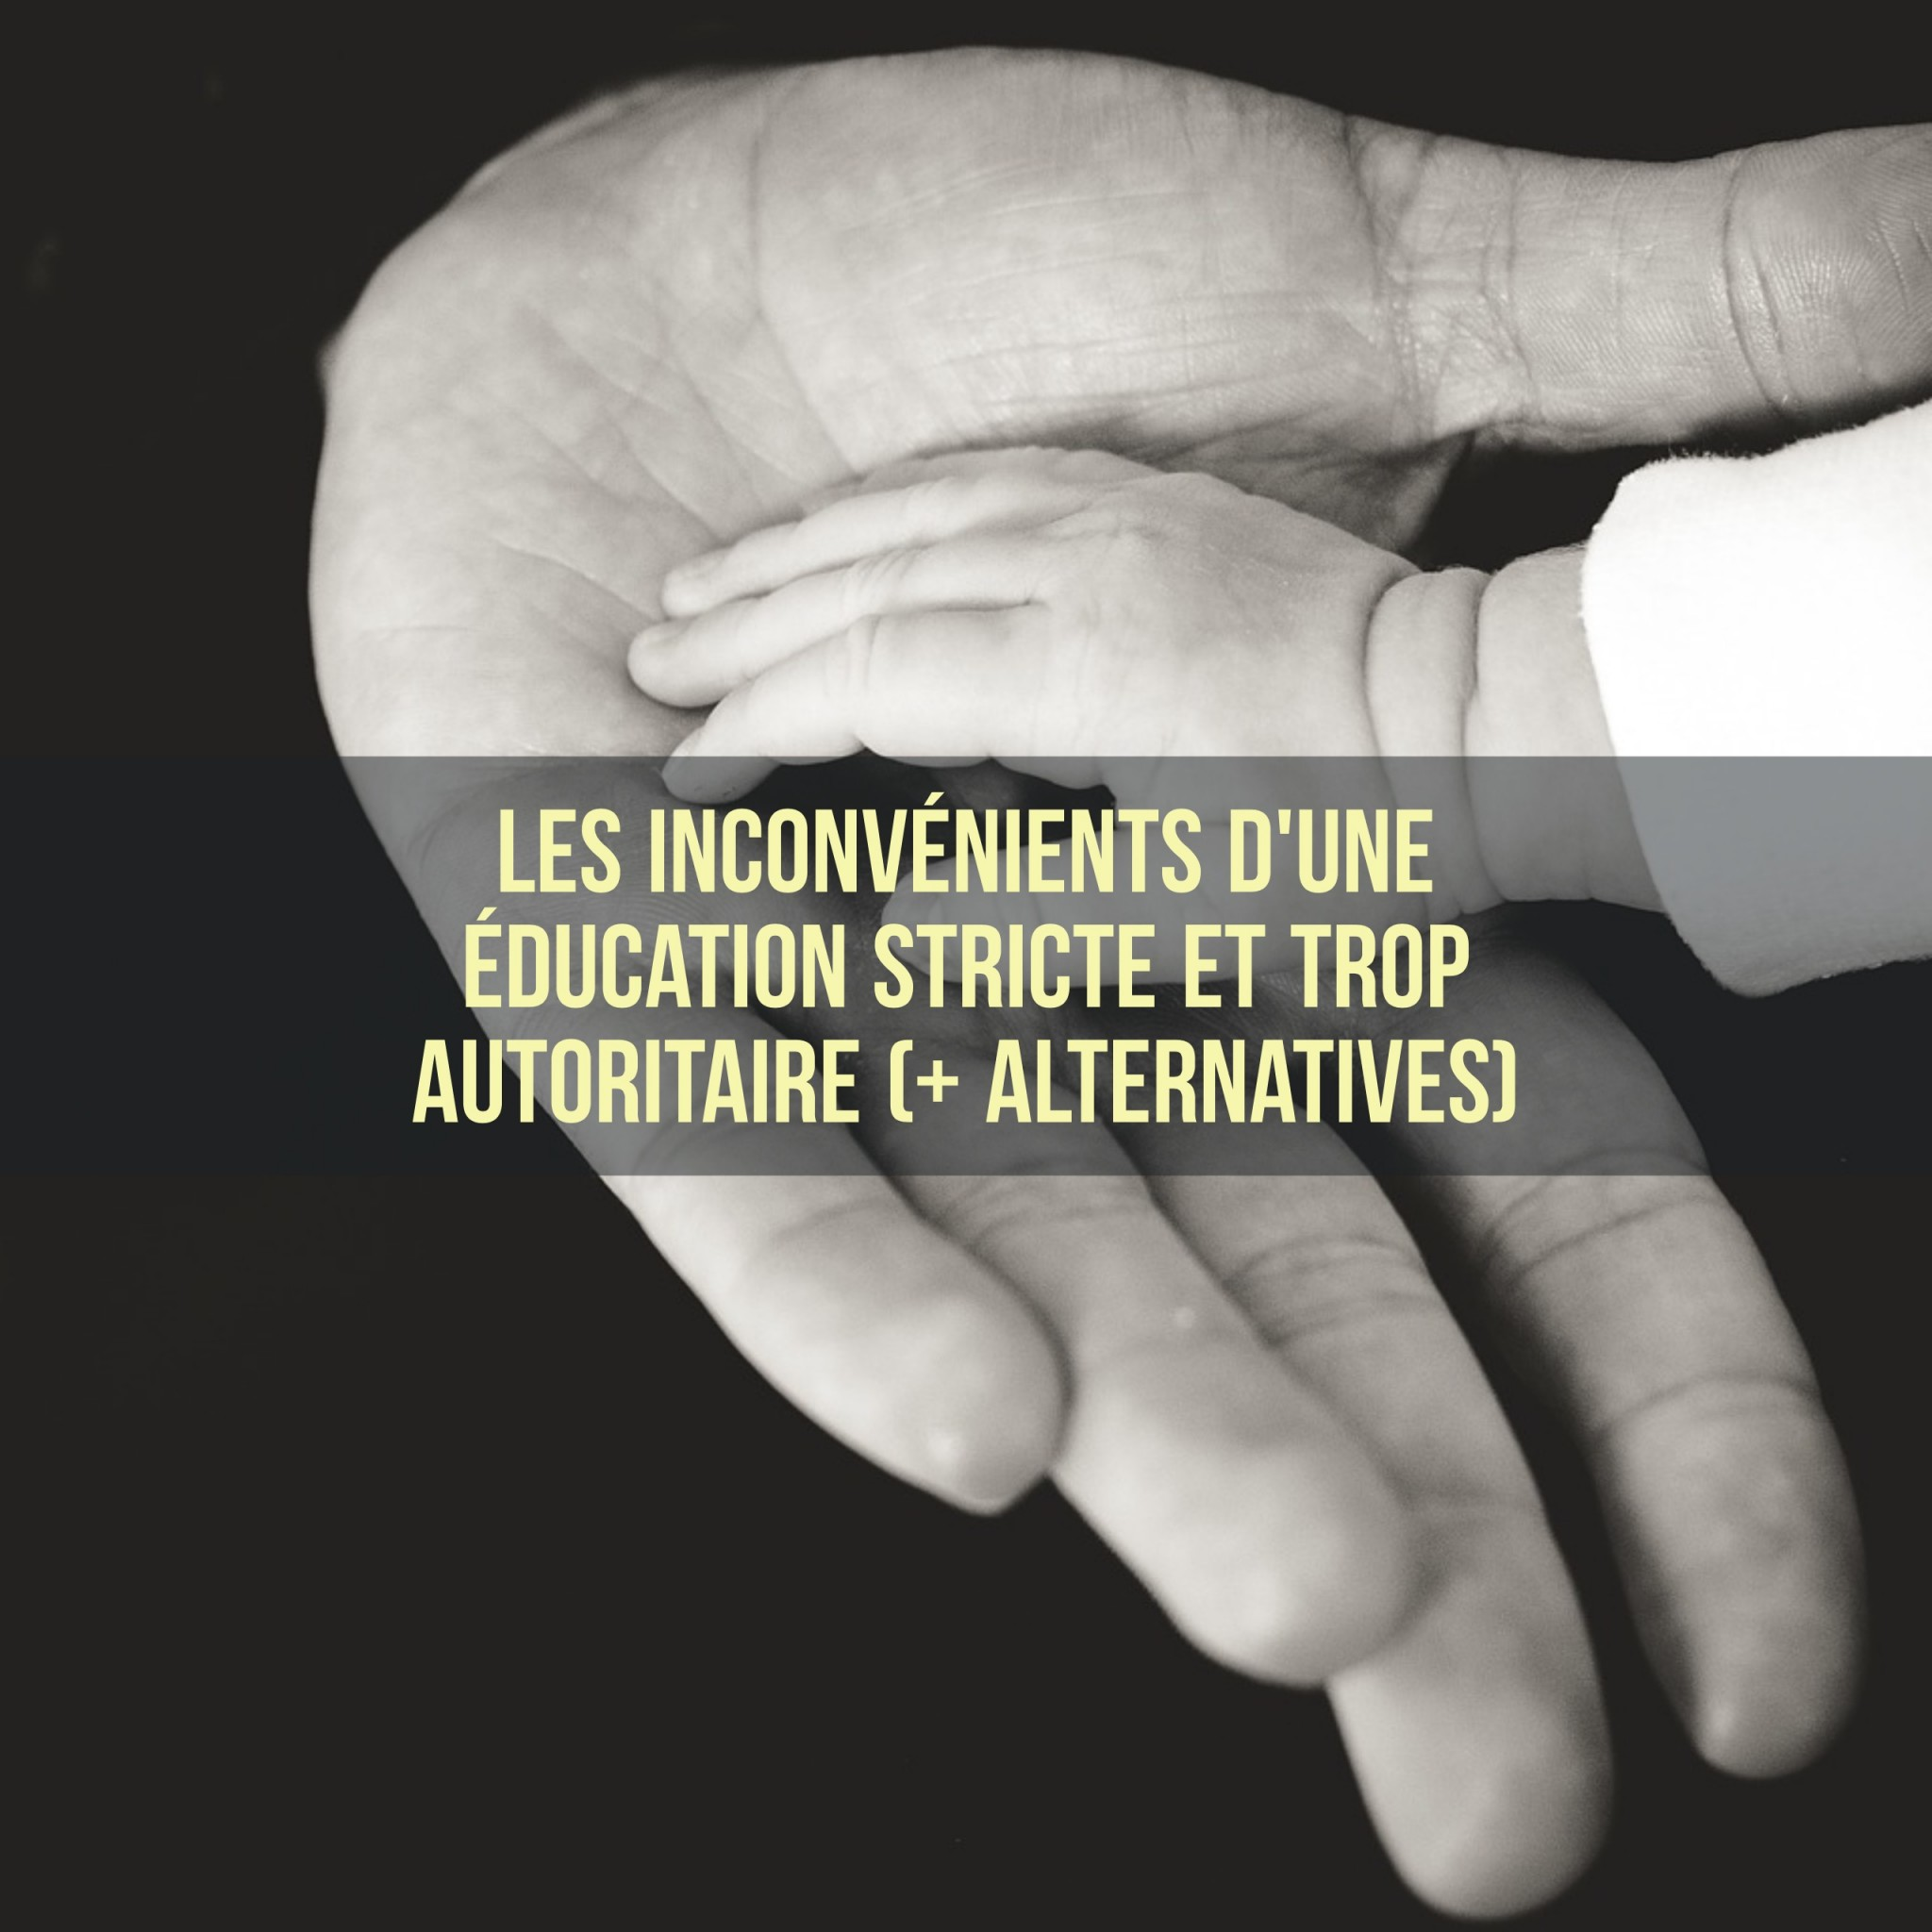 inconvénients d'une éducation stricte et trop autoritaire